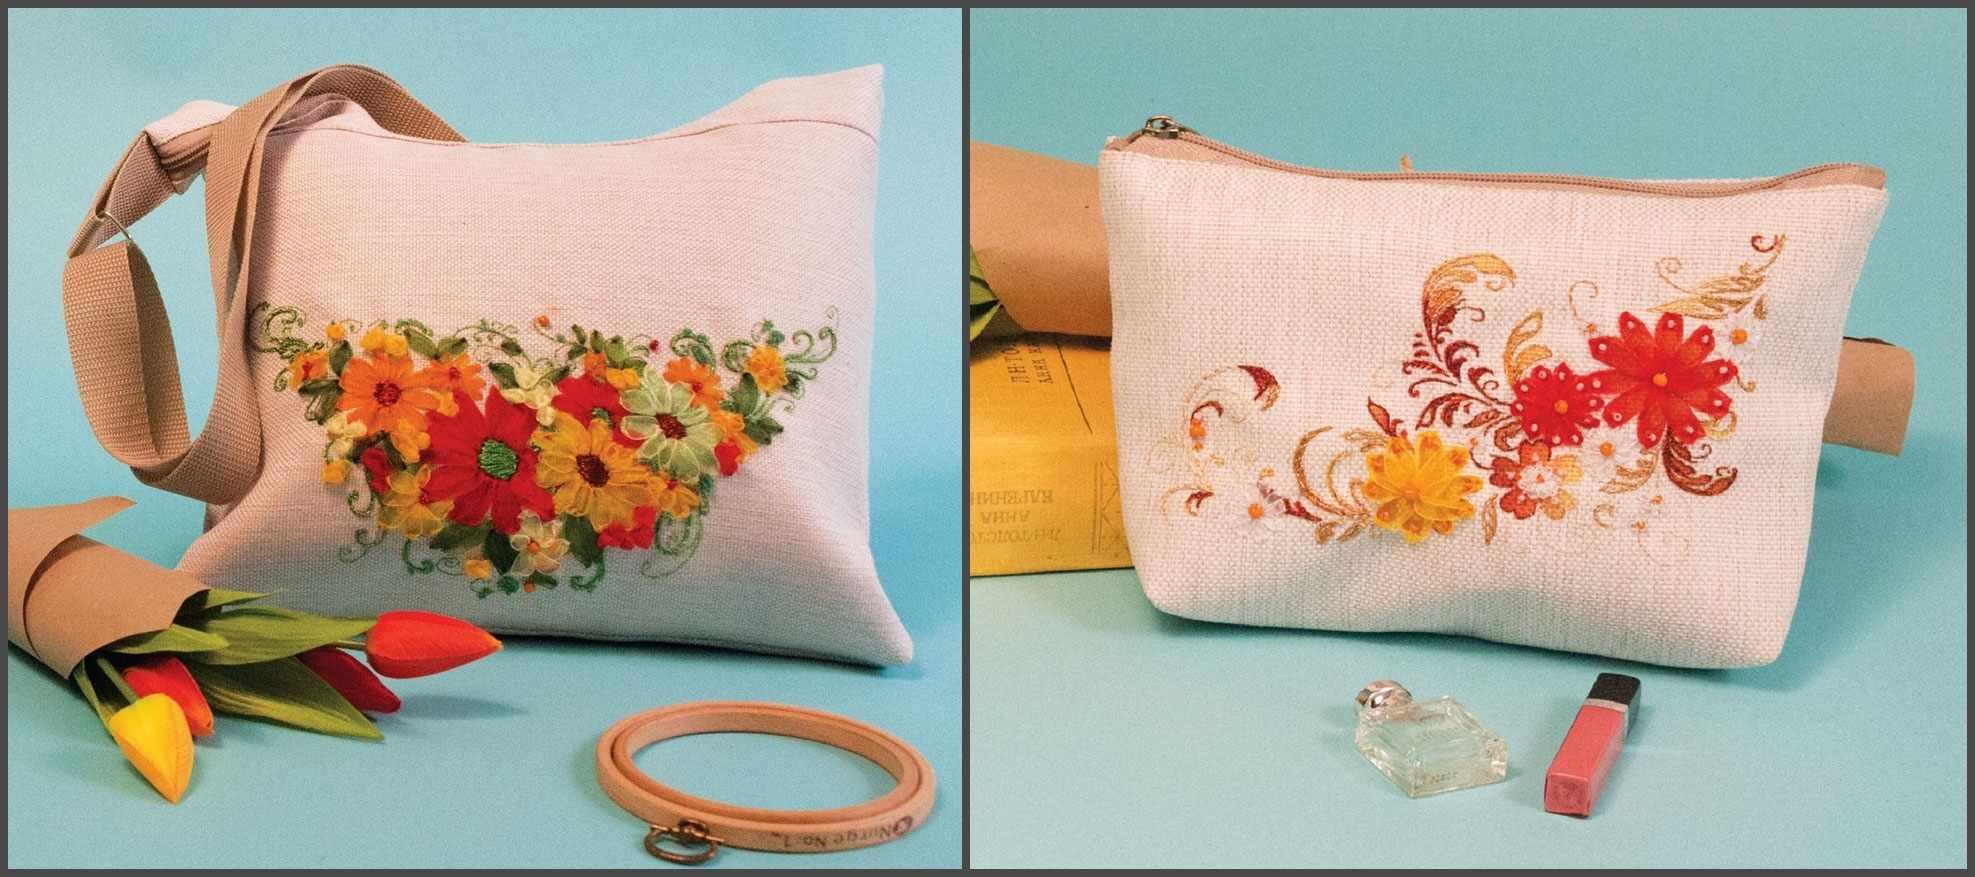 8515 Набор для шитья и вышивания - текстильная сумка набор (МП)